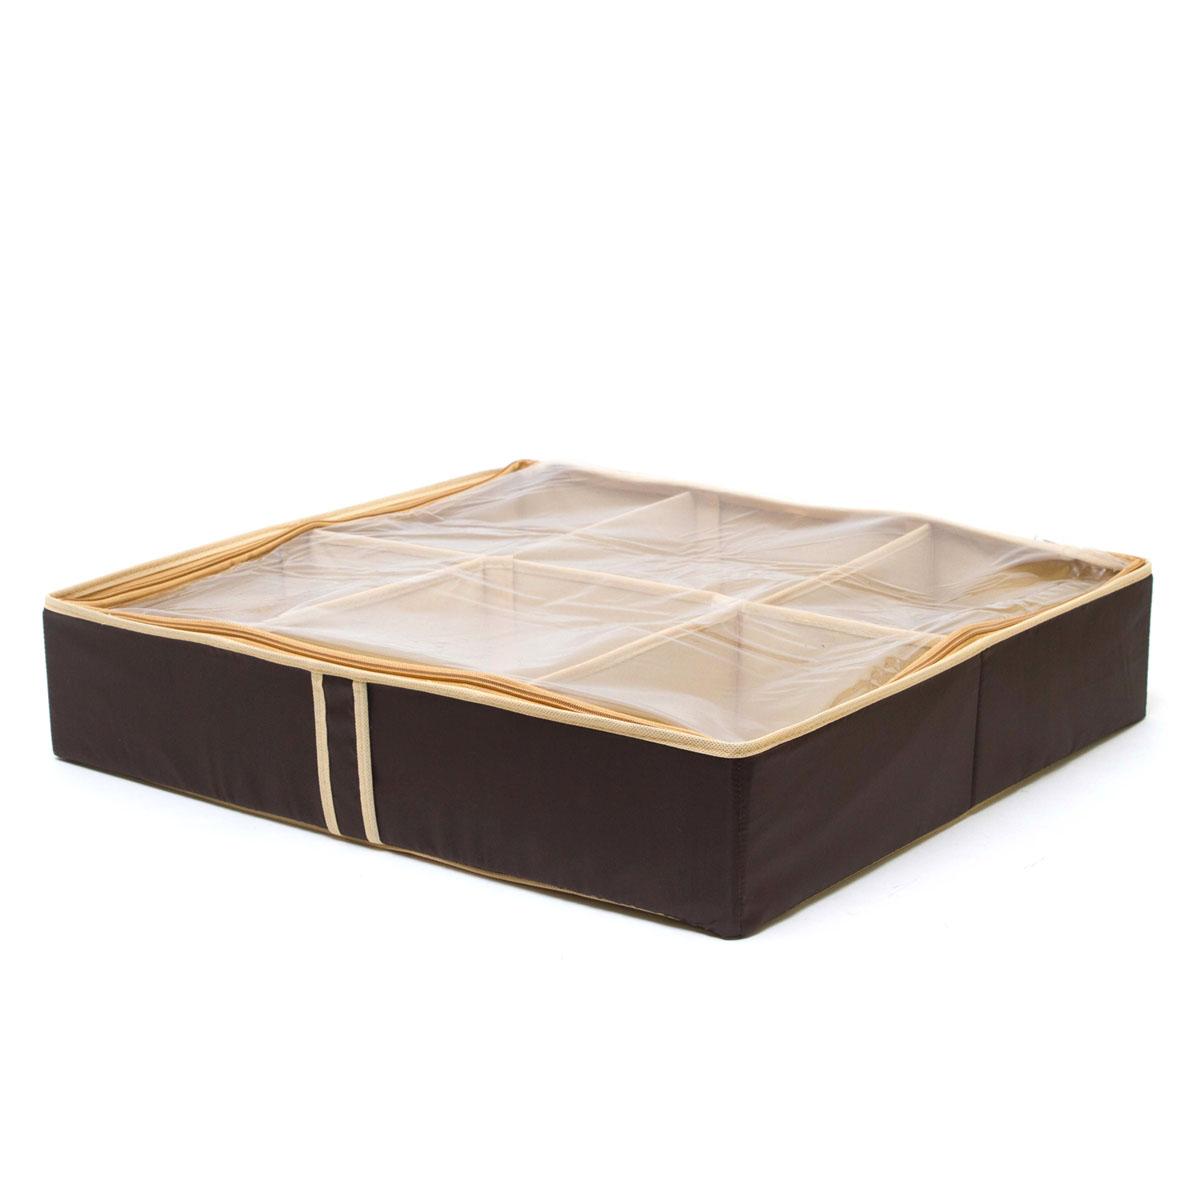 Органайзер для хранения обуви Homsu Costa-Rica, 6 секций, 56 х 52 х 12 смHOM-45Очень удобный способ хранить сезонную обувь. Шесть отделений размером 10см на 7см вмещают 6 пар обуви, высокий каблук, сапожки. Органайзер плоский, удобно хранить под кроватью или диваном. Внутренние секции можно моделировать под размеры обуви, например высокие сапоги.Имеет жесткие борта, что является гарантией сохраности вещей. Фактический цвет может отличаться от заявленного.